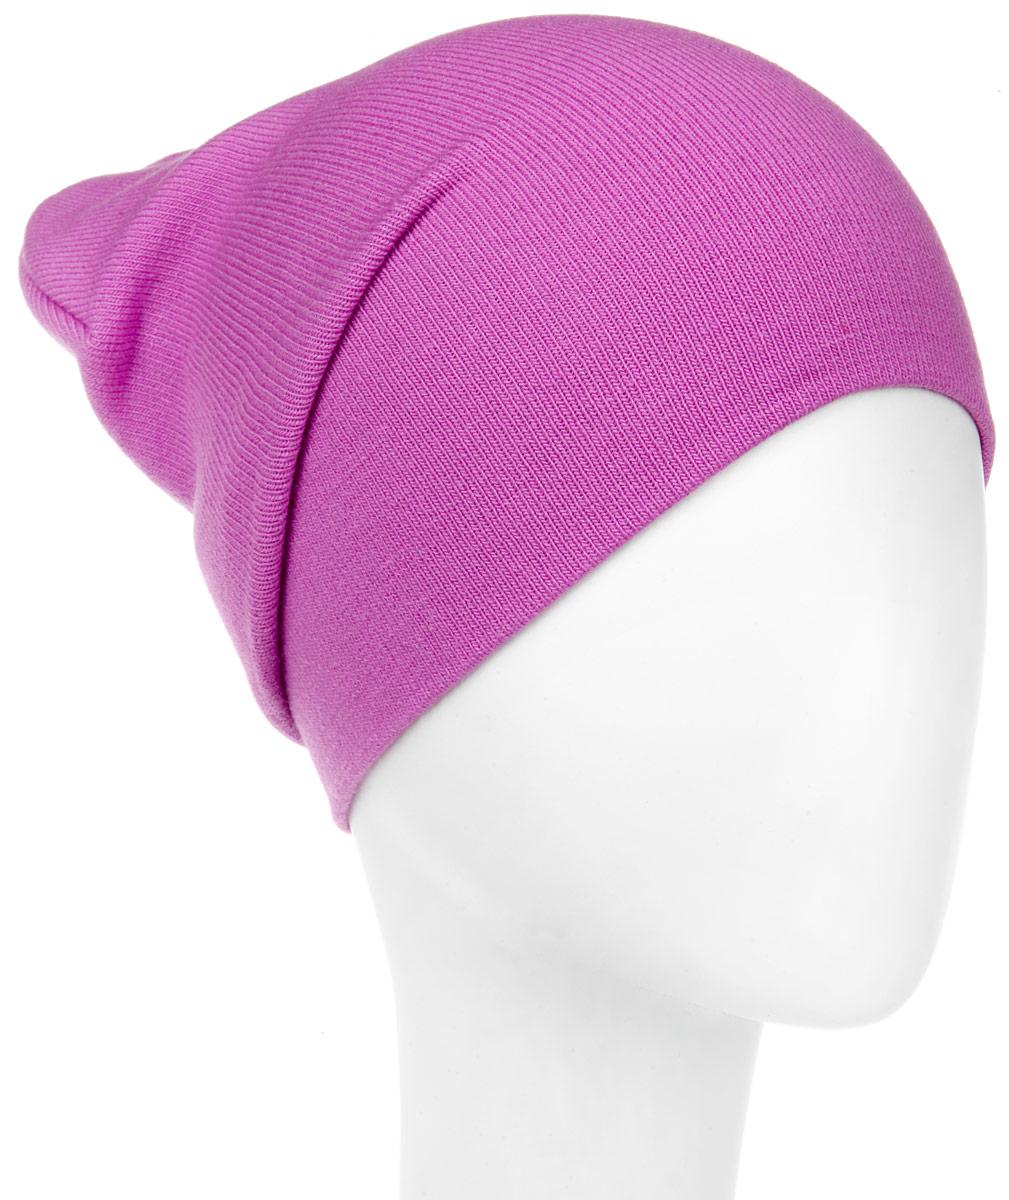 ШапкаMLH5706_114Удлиненная женская шапка Marhatter отлично дополнит ваш образ в холодную погоду. Сочетание акрила и эластана максимально сохраняет тепло и обеспечивает удобную посадку, невероятную легкость и мягкость. Двухслойную шапку можно носить как с отворотом, так и без. Стильная шапка Marhatter подчеркнет ваш неповторимый стиль и индивидуальность. Такая модель будет актуальна как на спортивных мероприятиях, так и в повседневной жизни. Уважаемые клиенты! Размер, доступный для заказа, является обхватом головы.